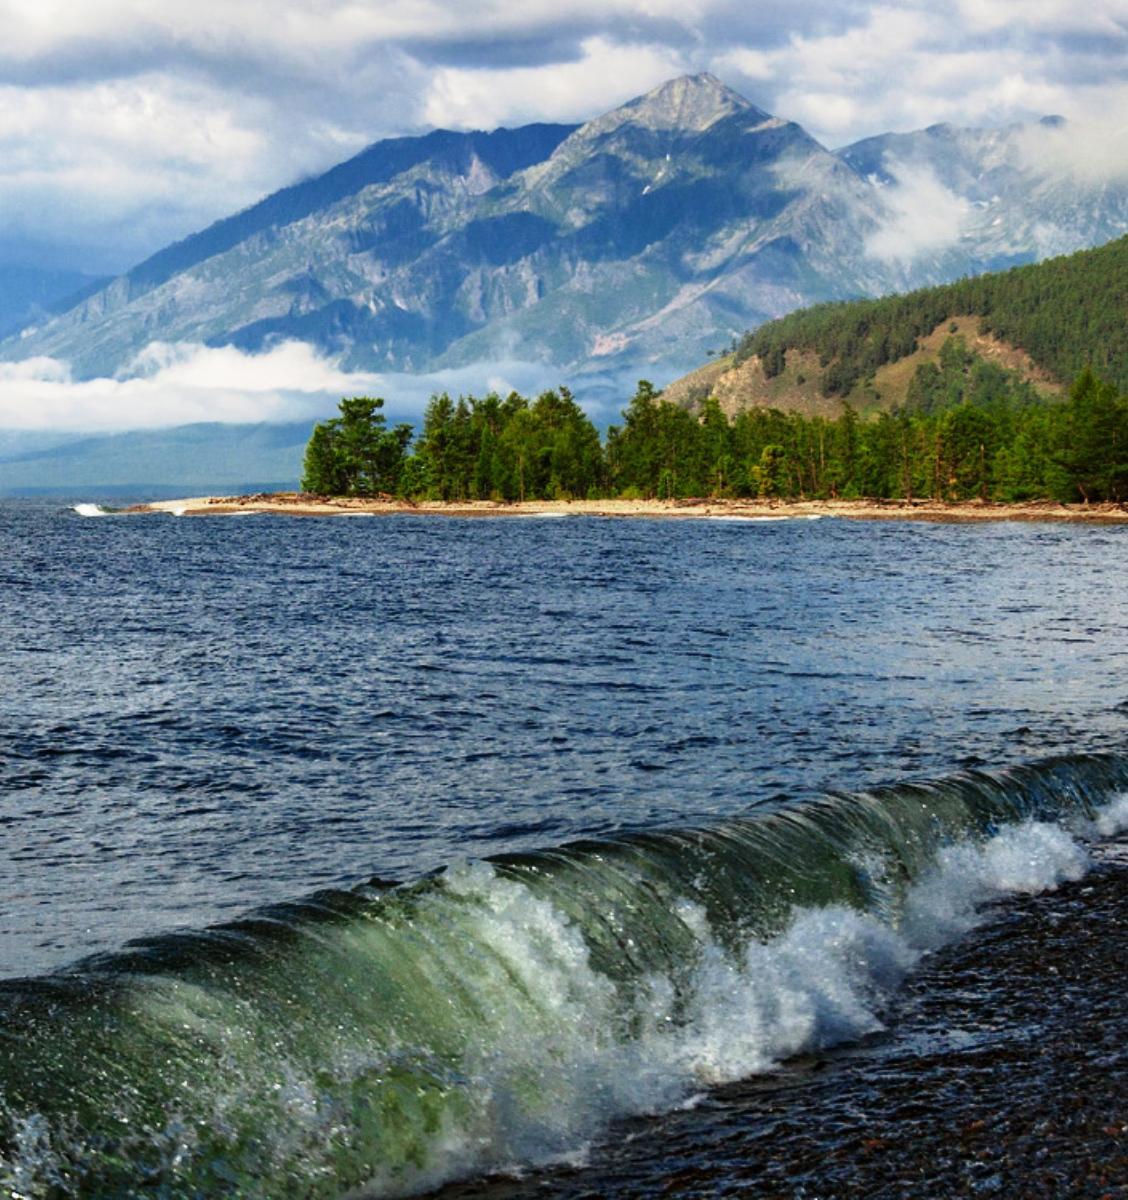 ВЦИОМ: Россияне назвали главные экологические проблемы